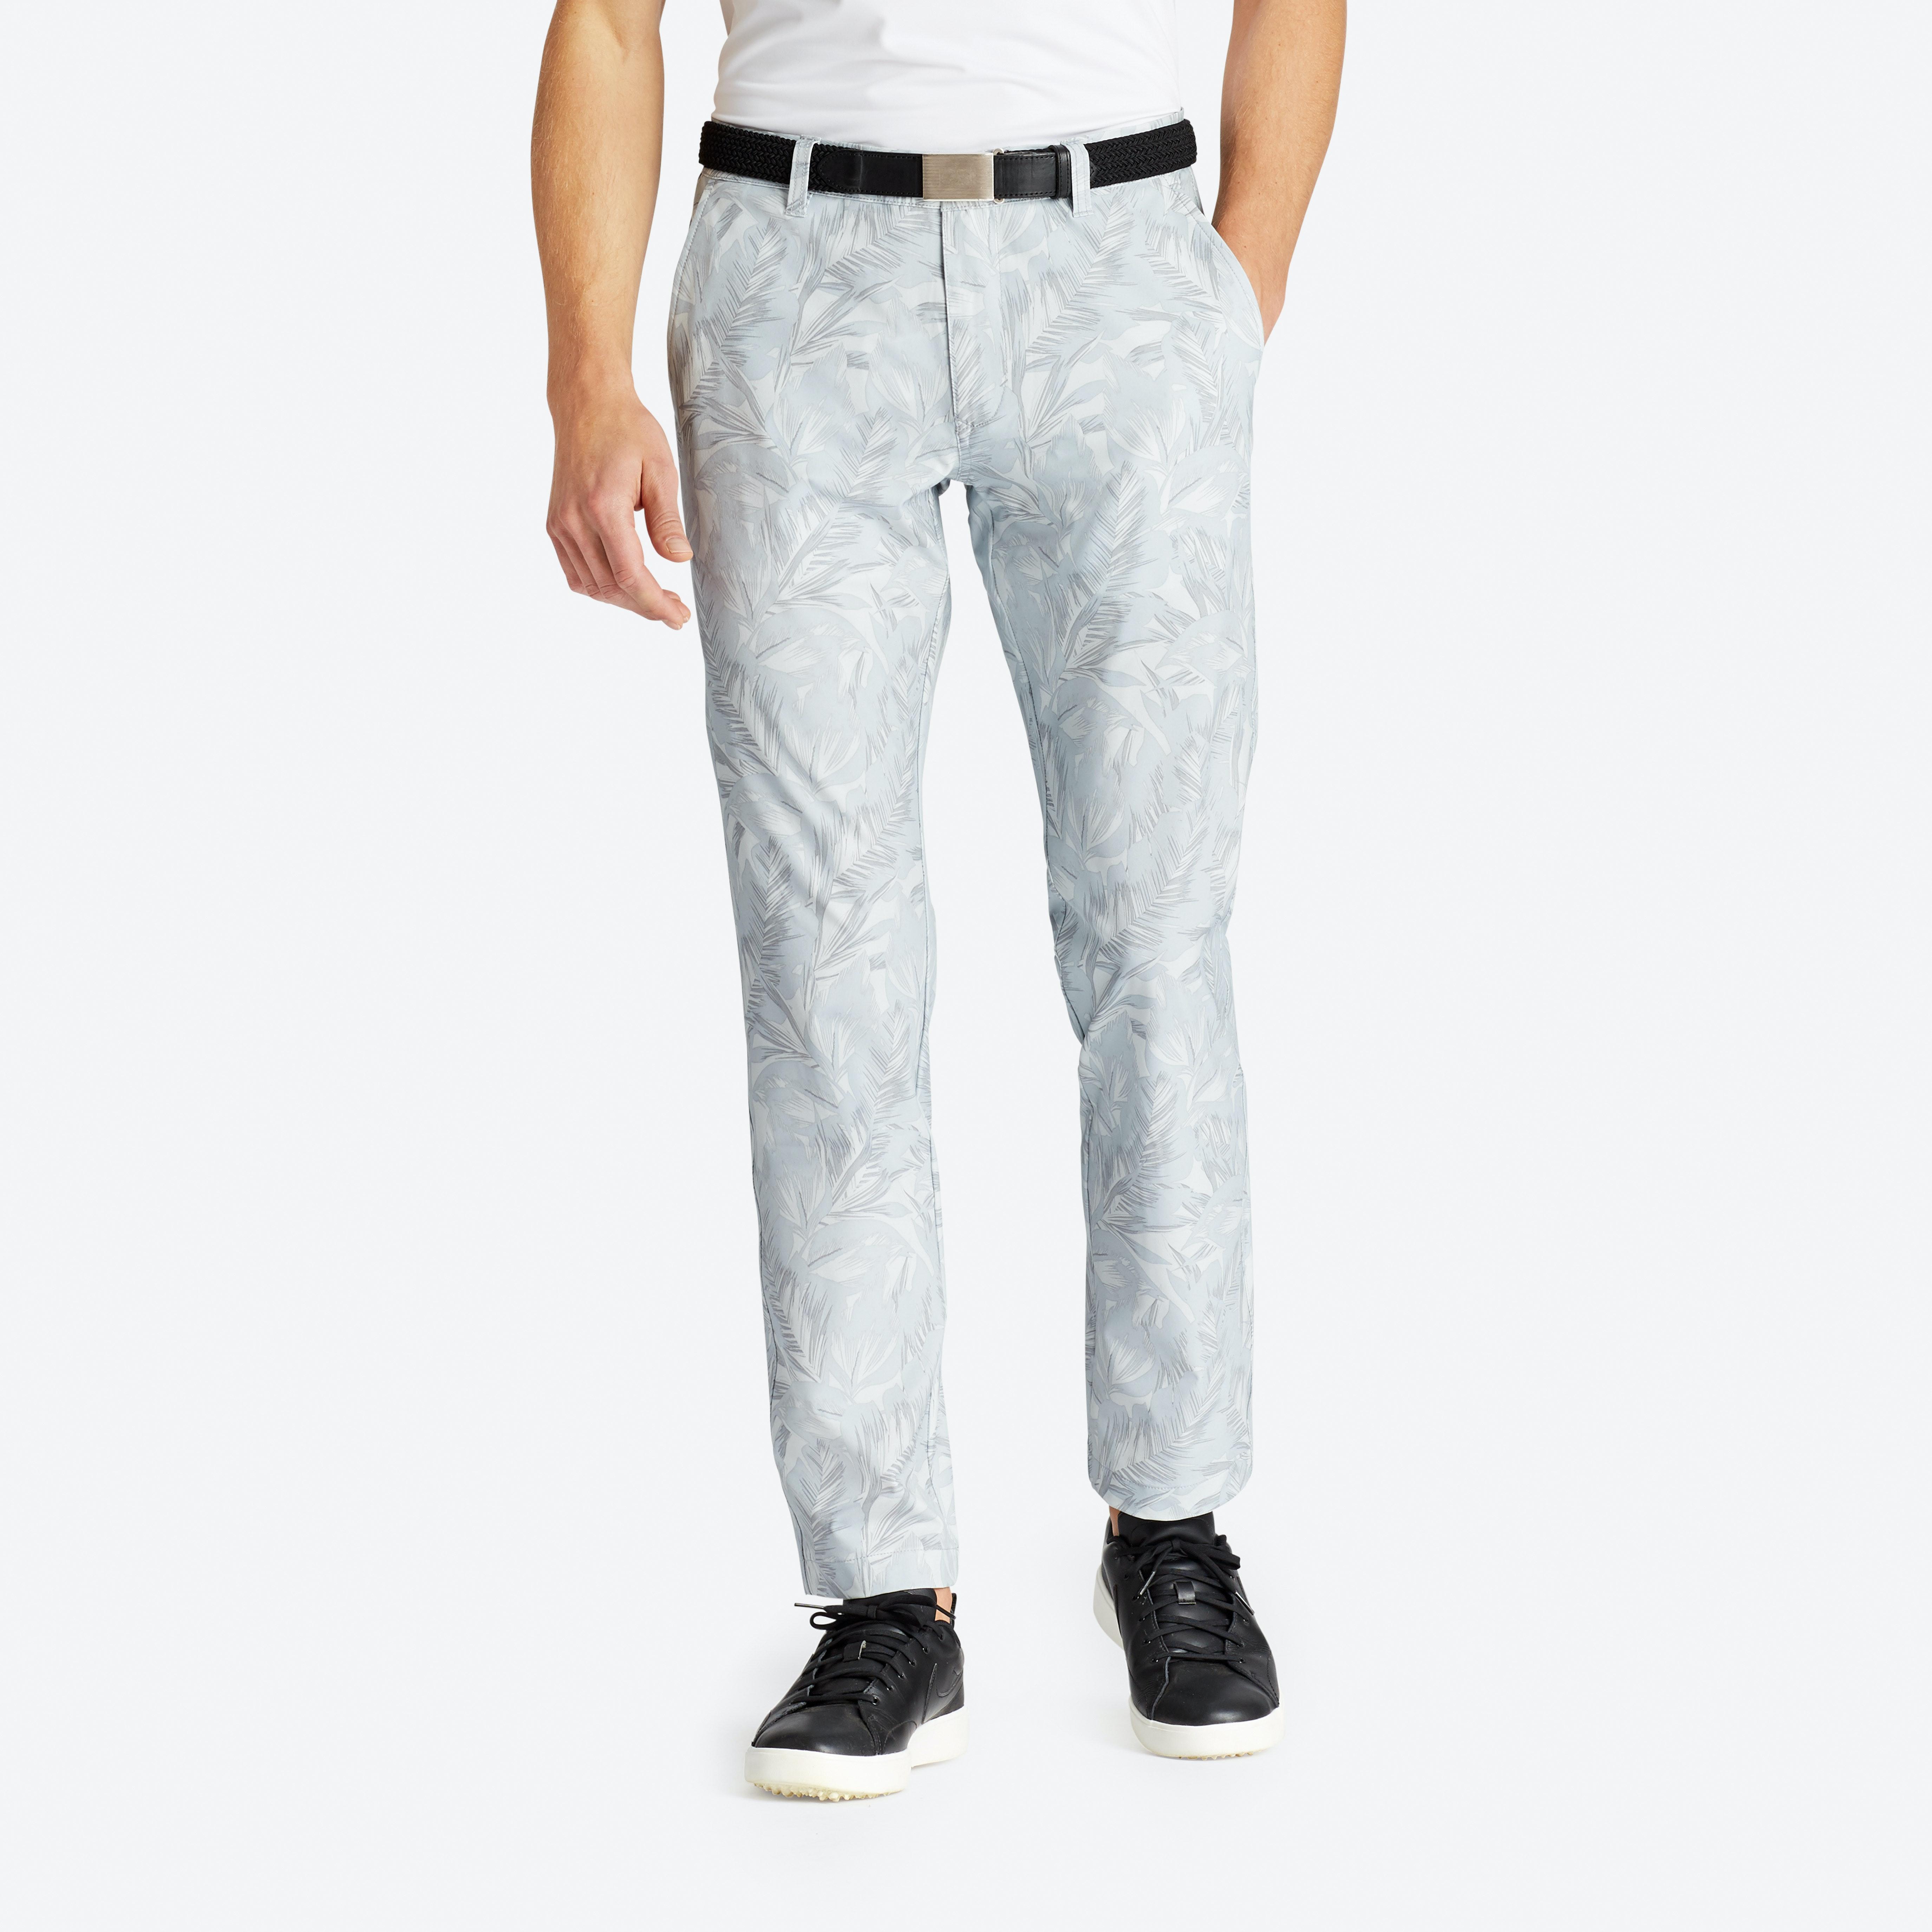 Highland Lightweight Golf Pants